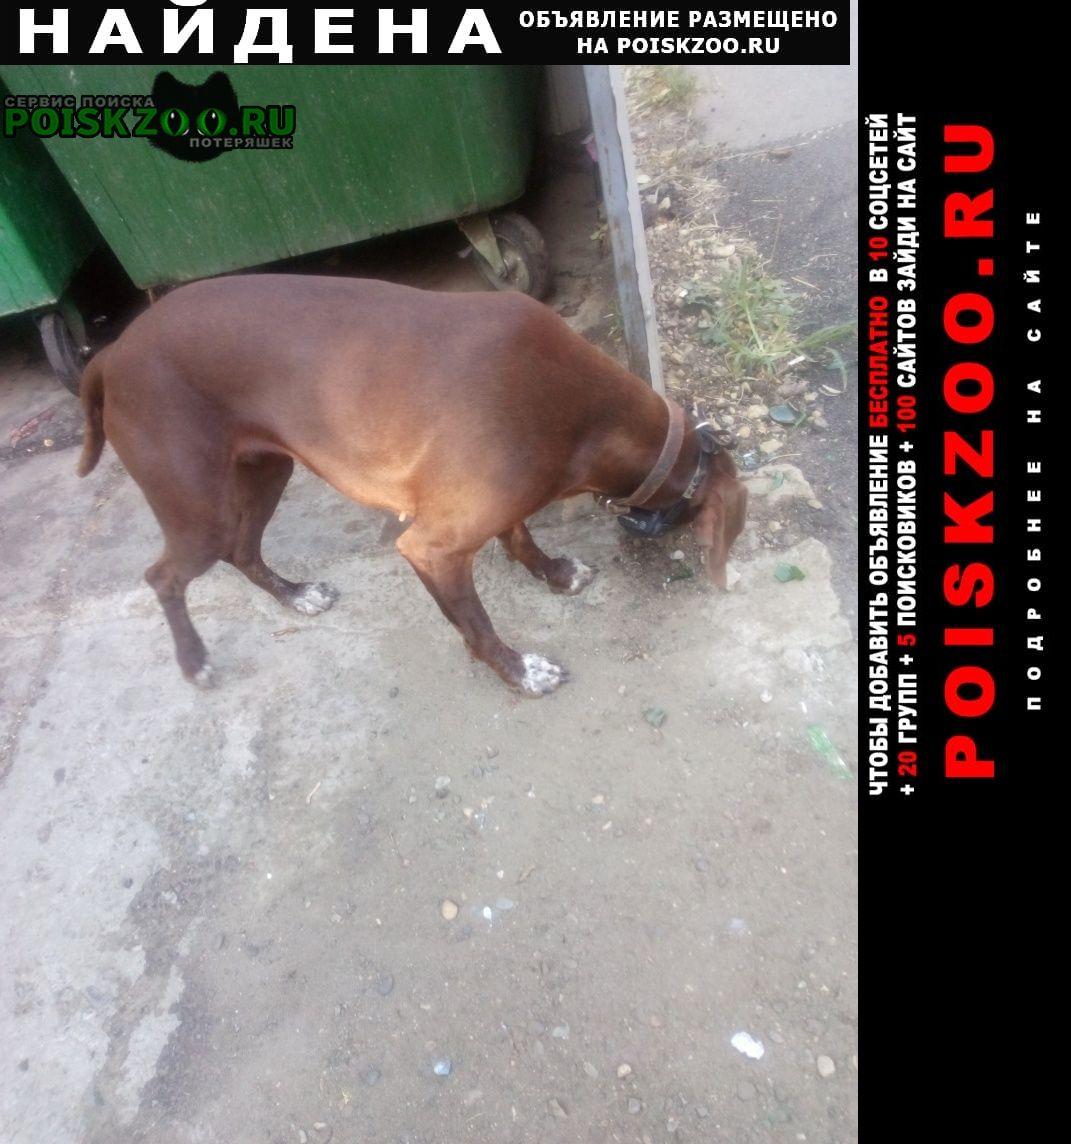 Найдена собака район гидрострой Краснодар